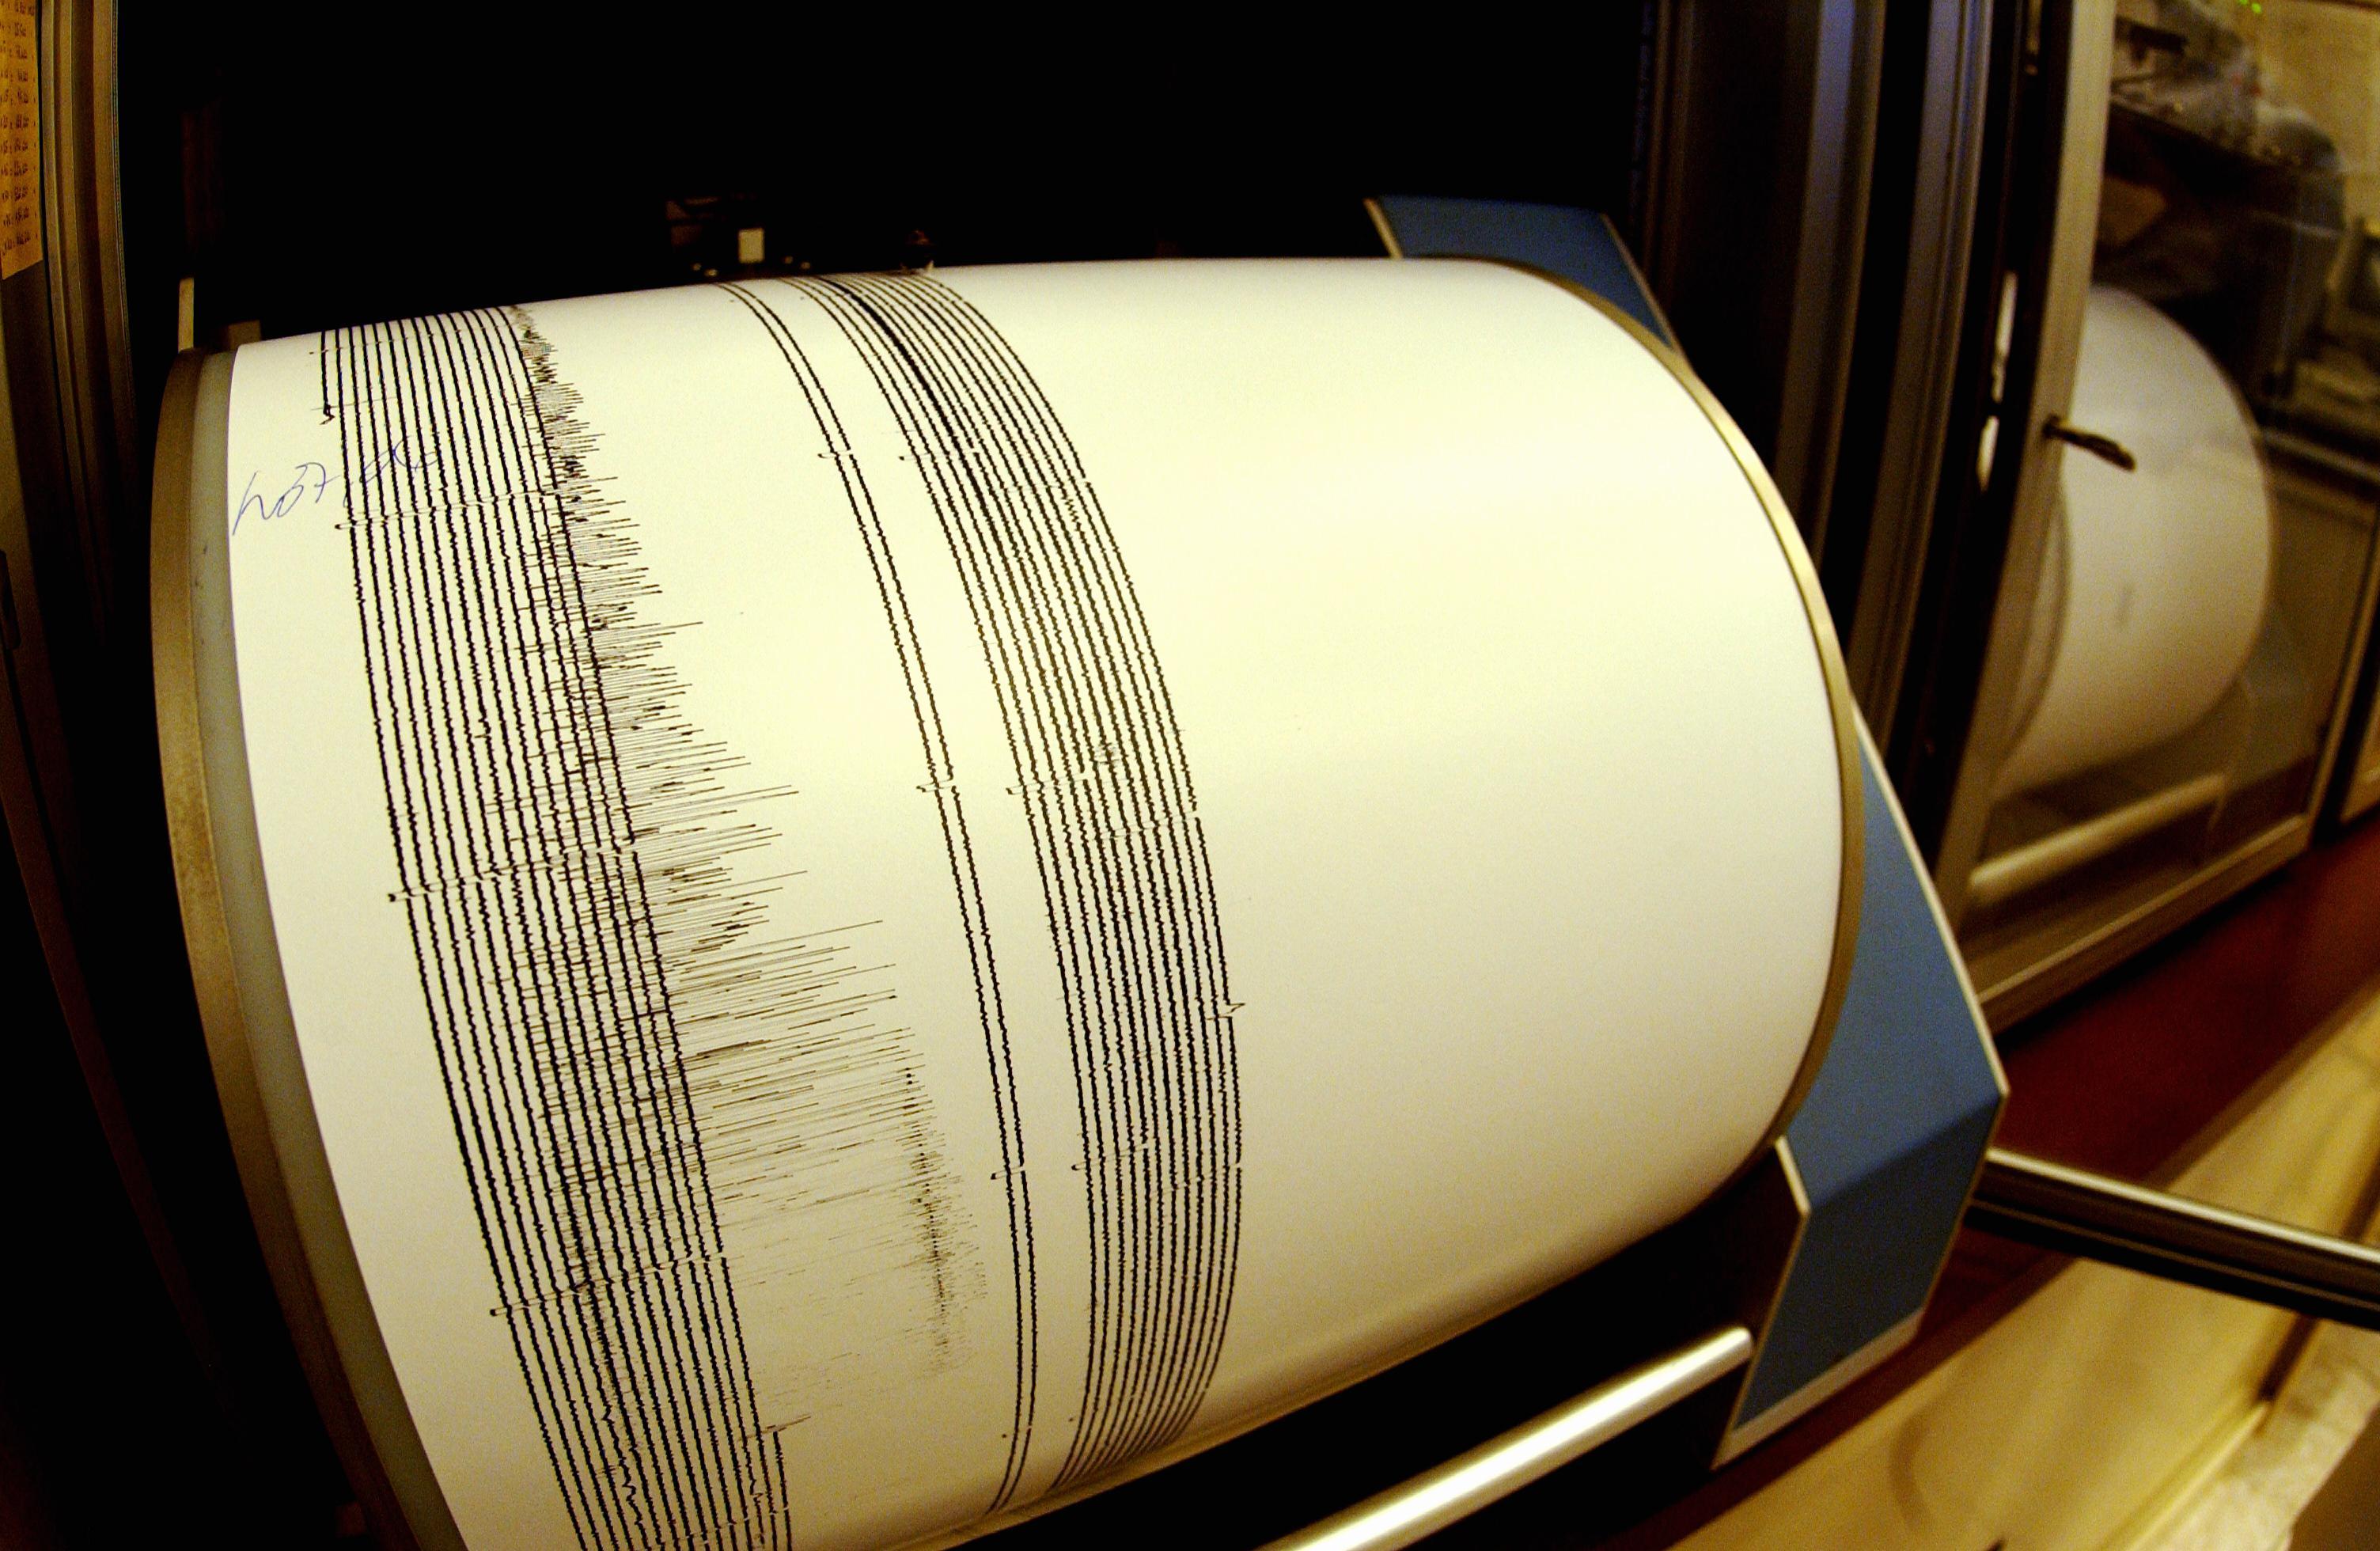 Terremoti, scossa di magnitudo 3.1 tra Parma e Genova